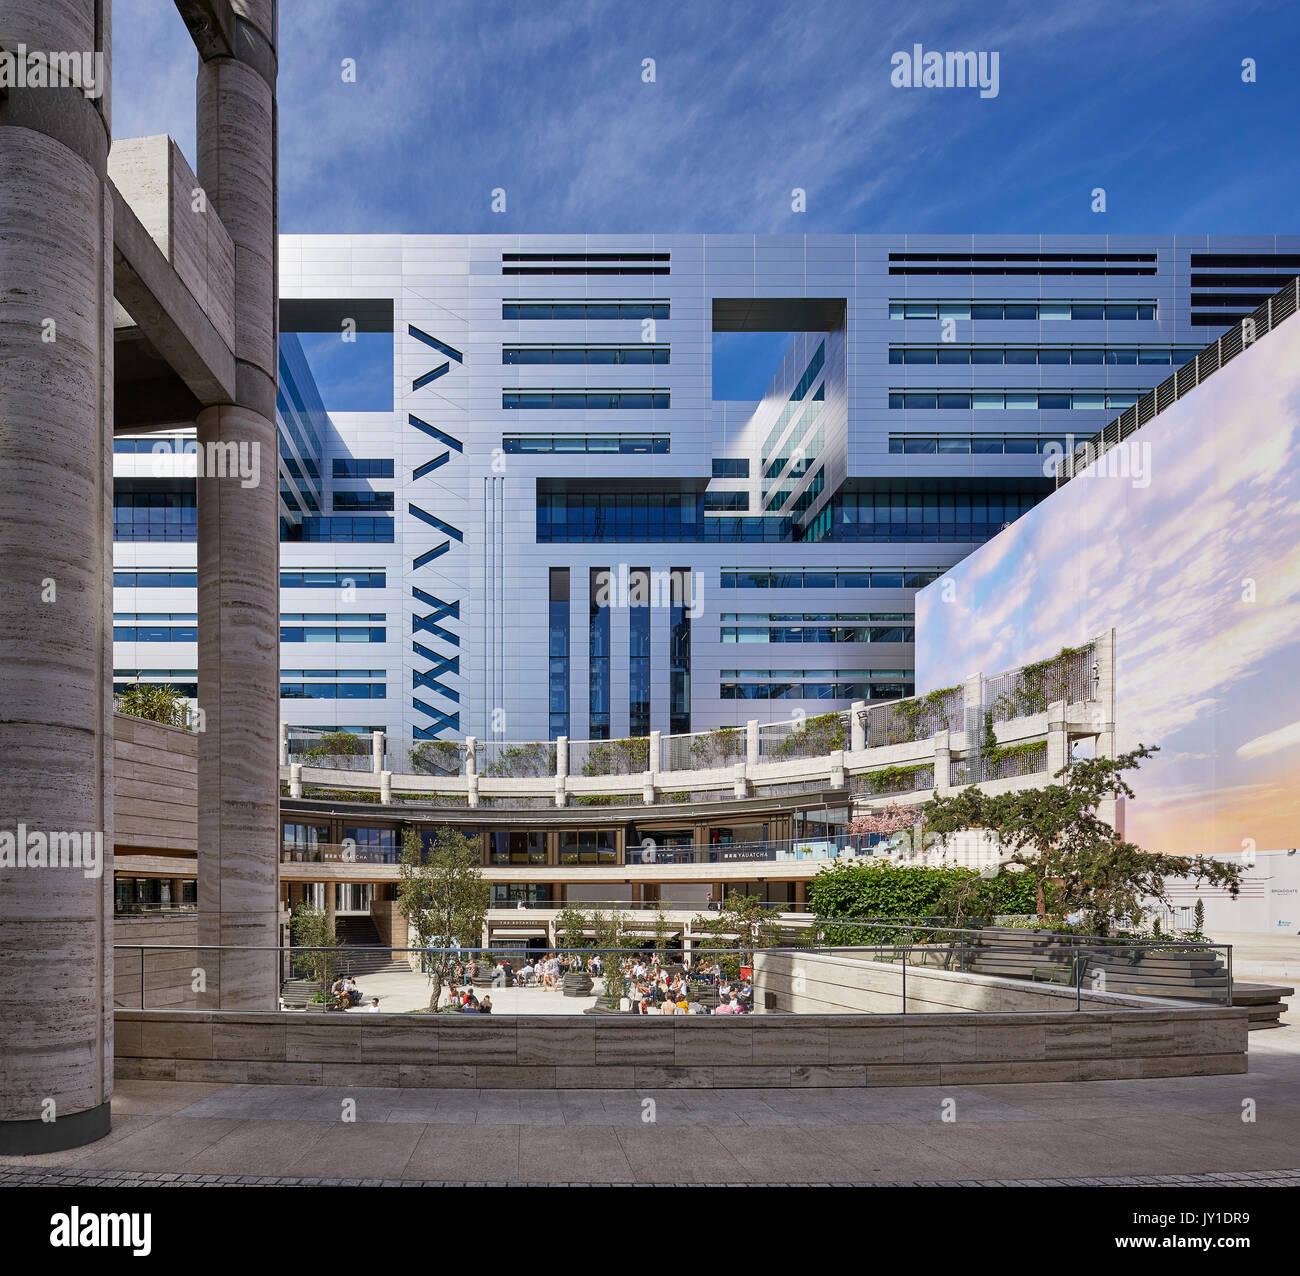 Architekten Suchen blick einer anhöhe über dem kreis gegenüber ubs bank suchen